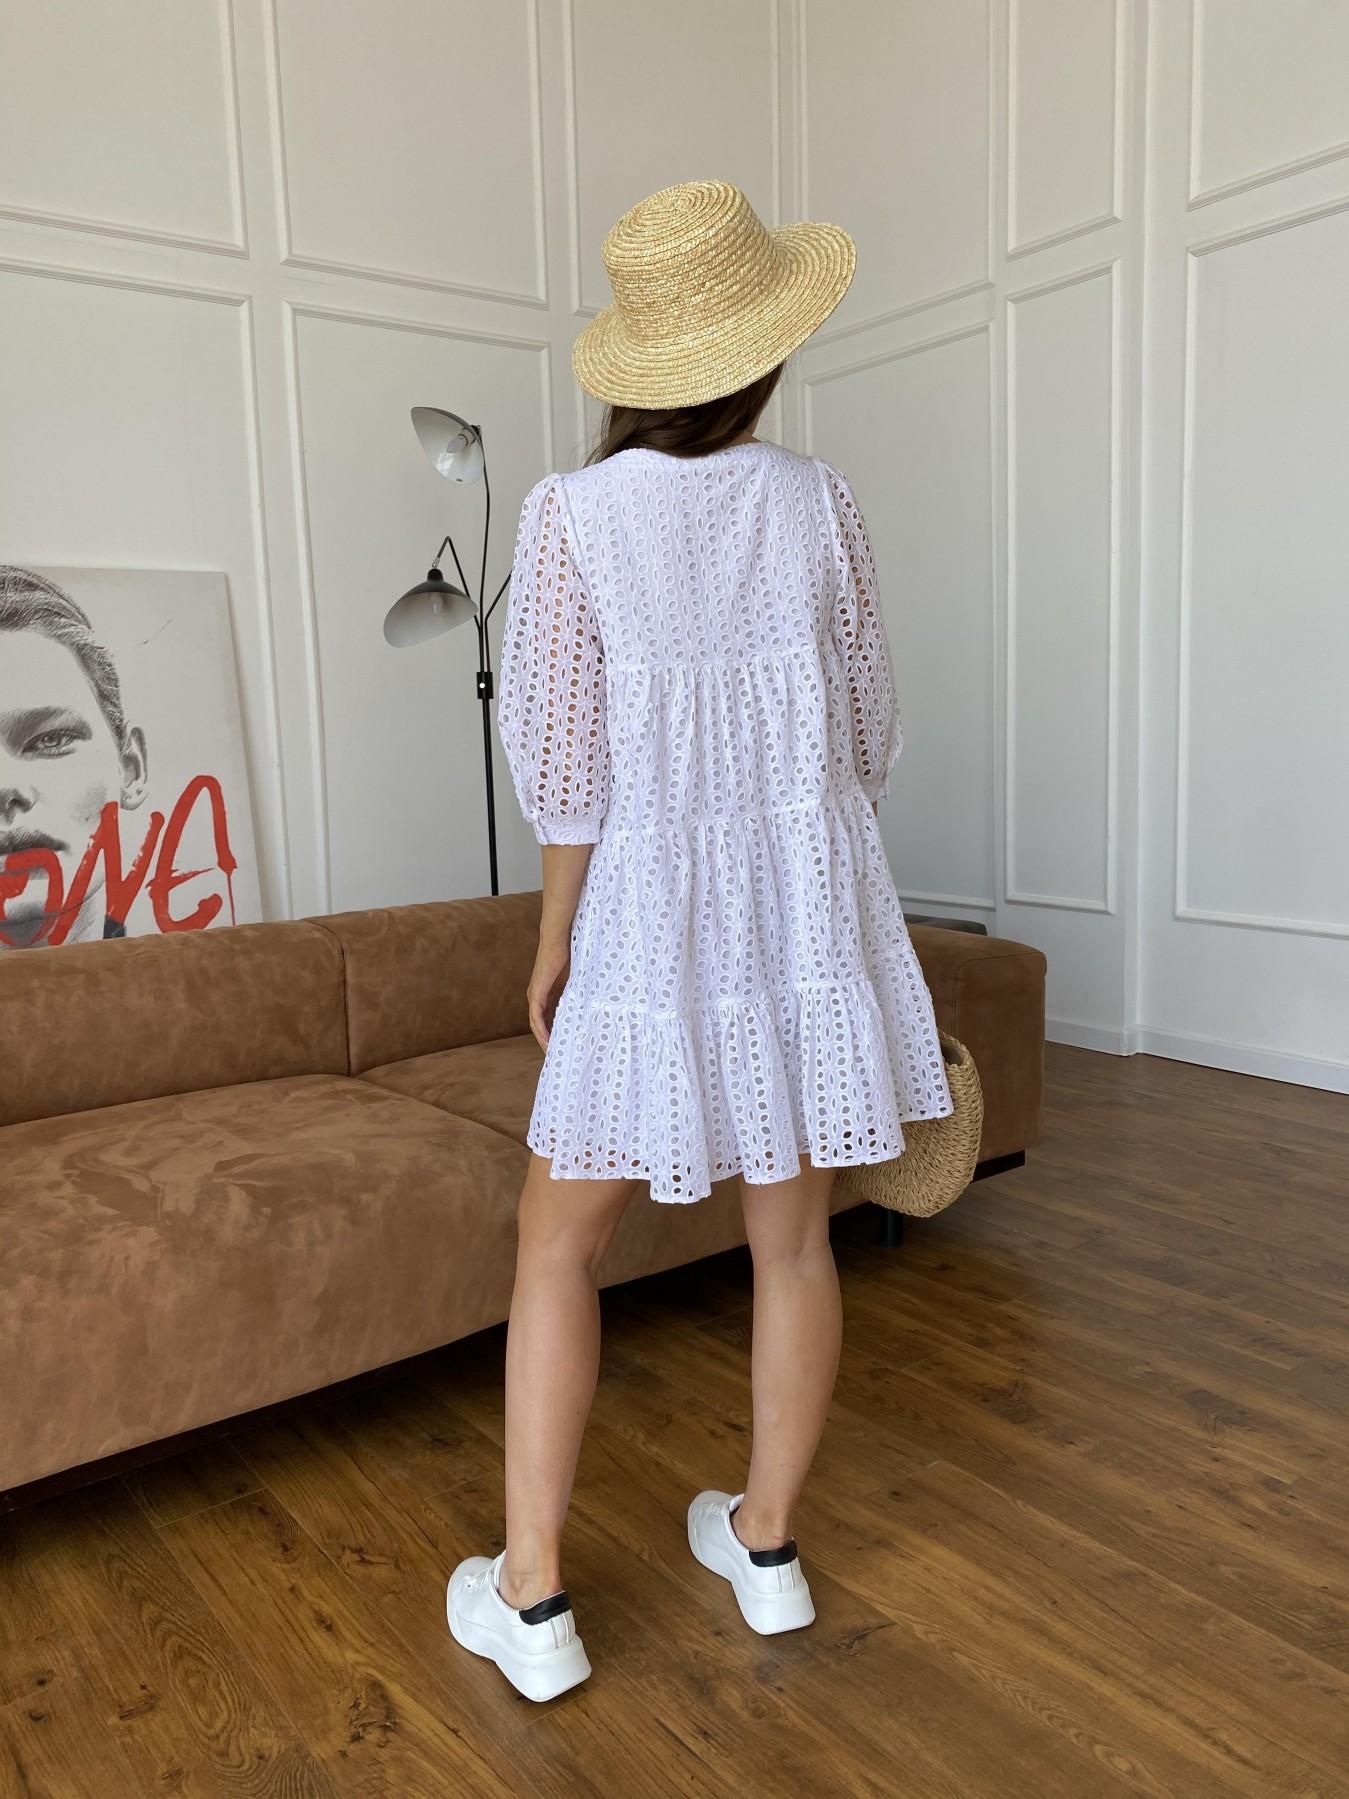 Берри платье из шитья 11490 АРТ. 48183 Цвет: Молоко/КрупЦветПерфор - фото 8, интернет магазин tm-modus.ru